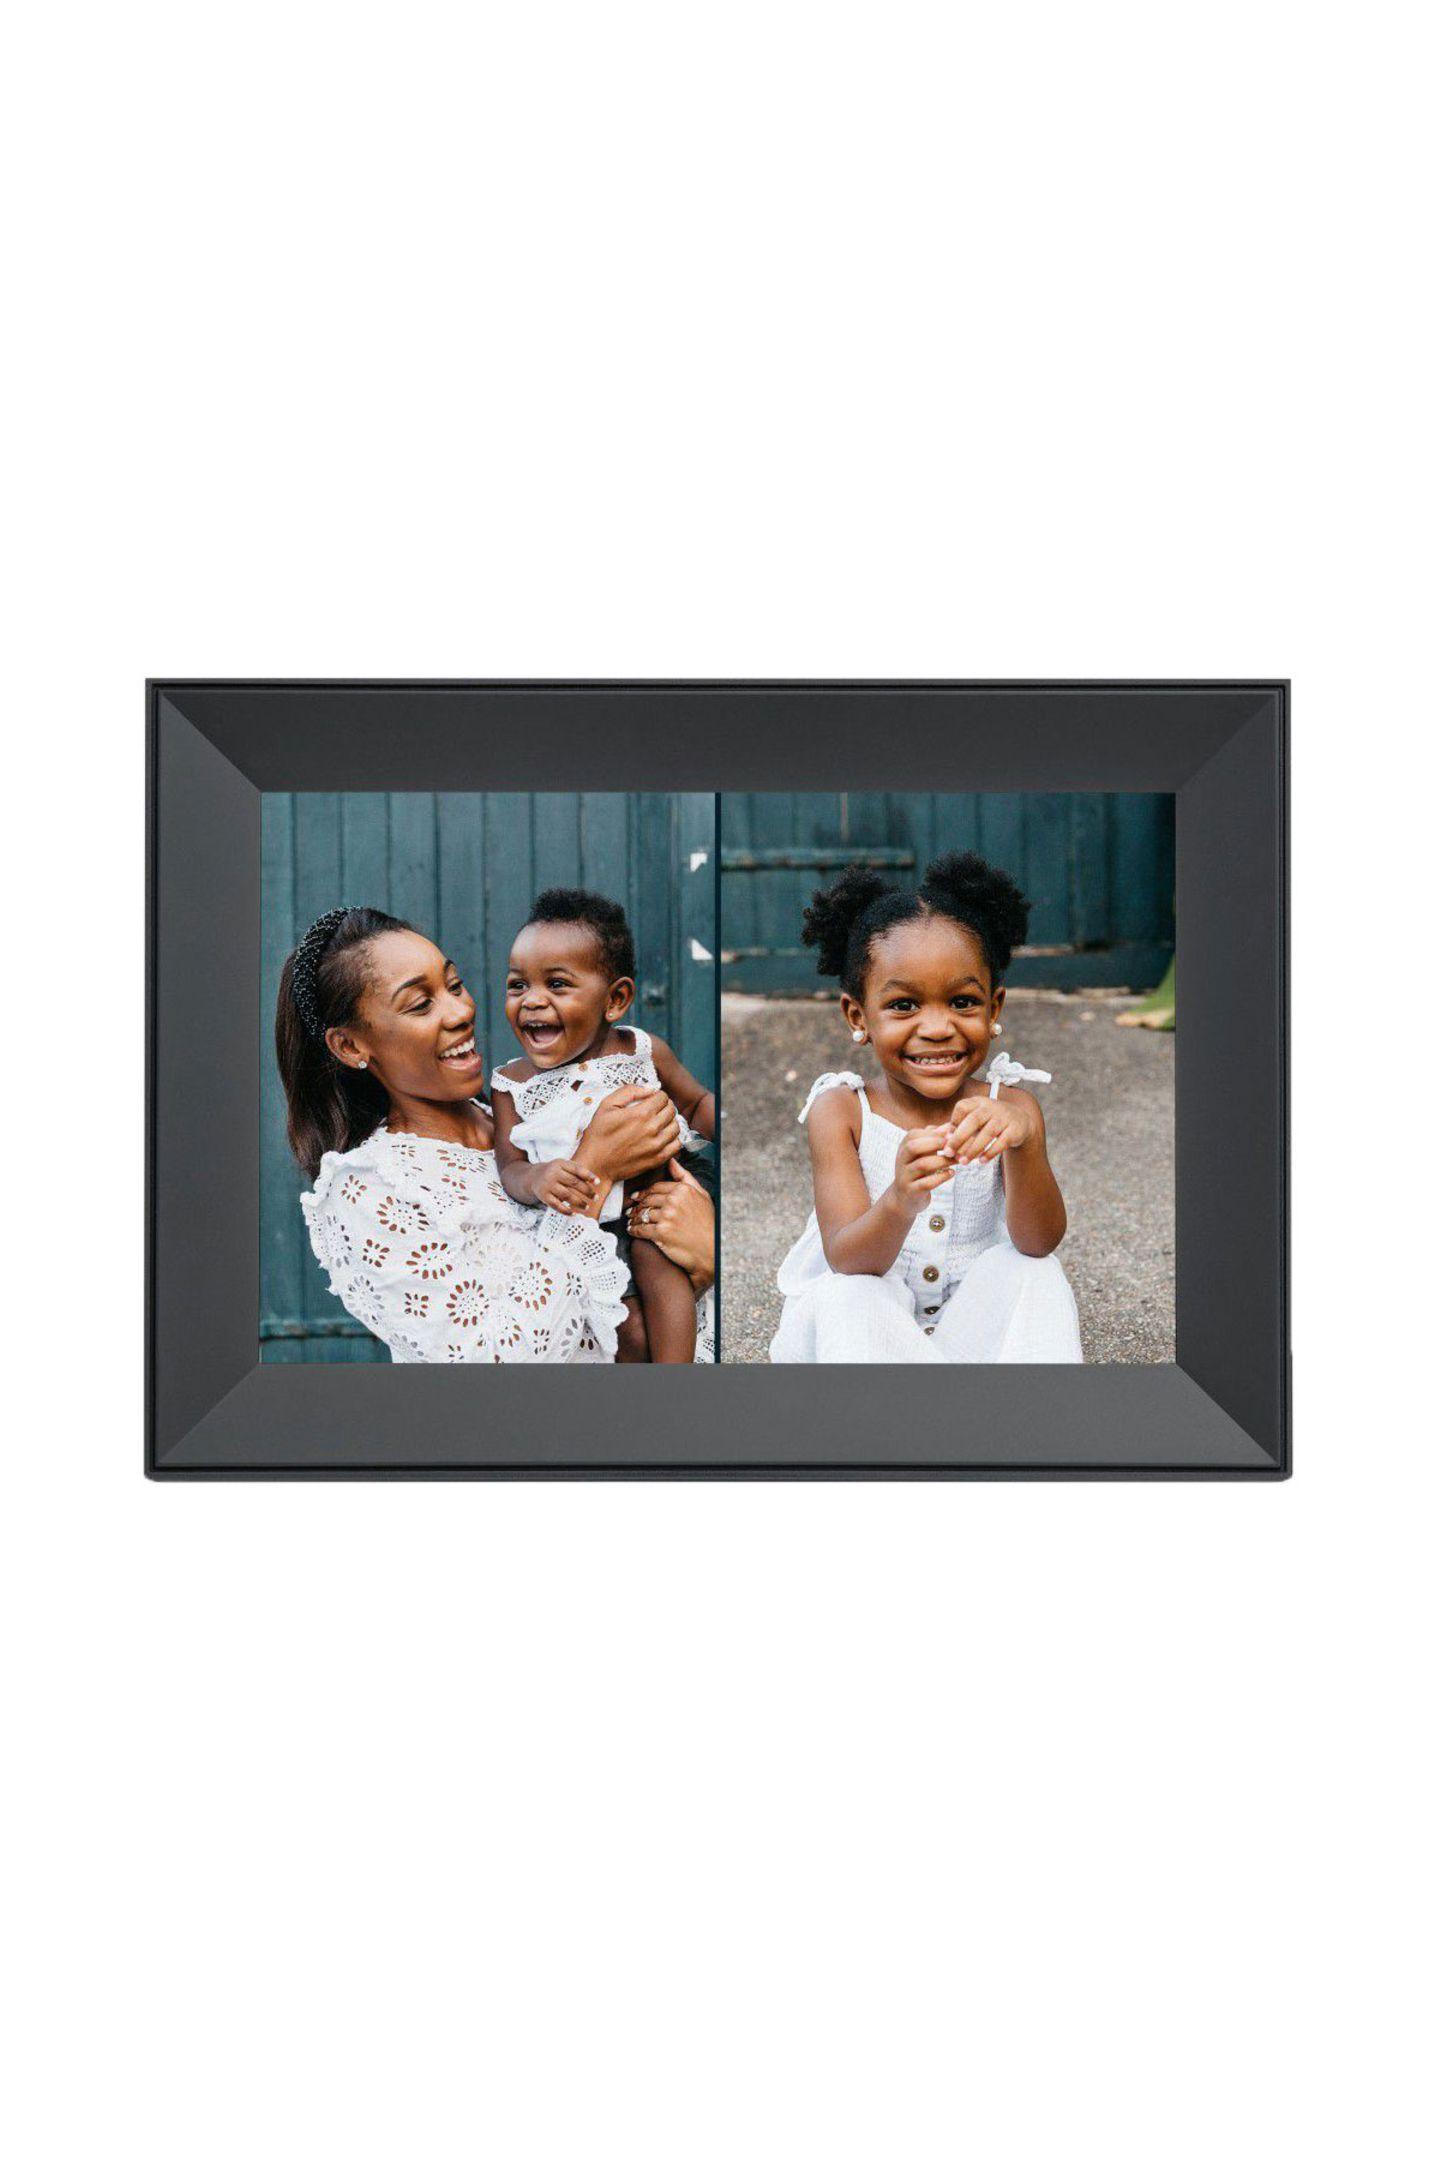 """Magische MomenteDer digitale Bilderrahmen sieht ohnehin schon schön aus, wird aber durch unsere Lieblingsmenschen und emotionalen Momente zum wundervollen Hingucker im Heim. """"Carver"""" von Aura Frames, ca. 160 Euro"""